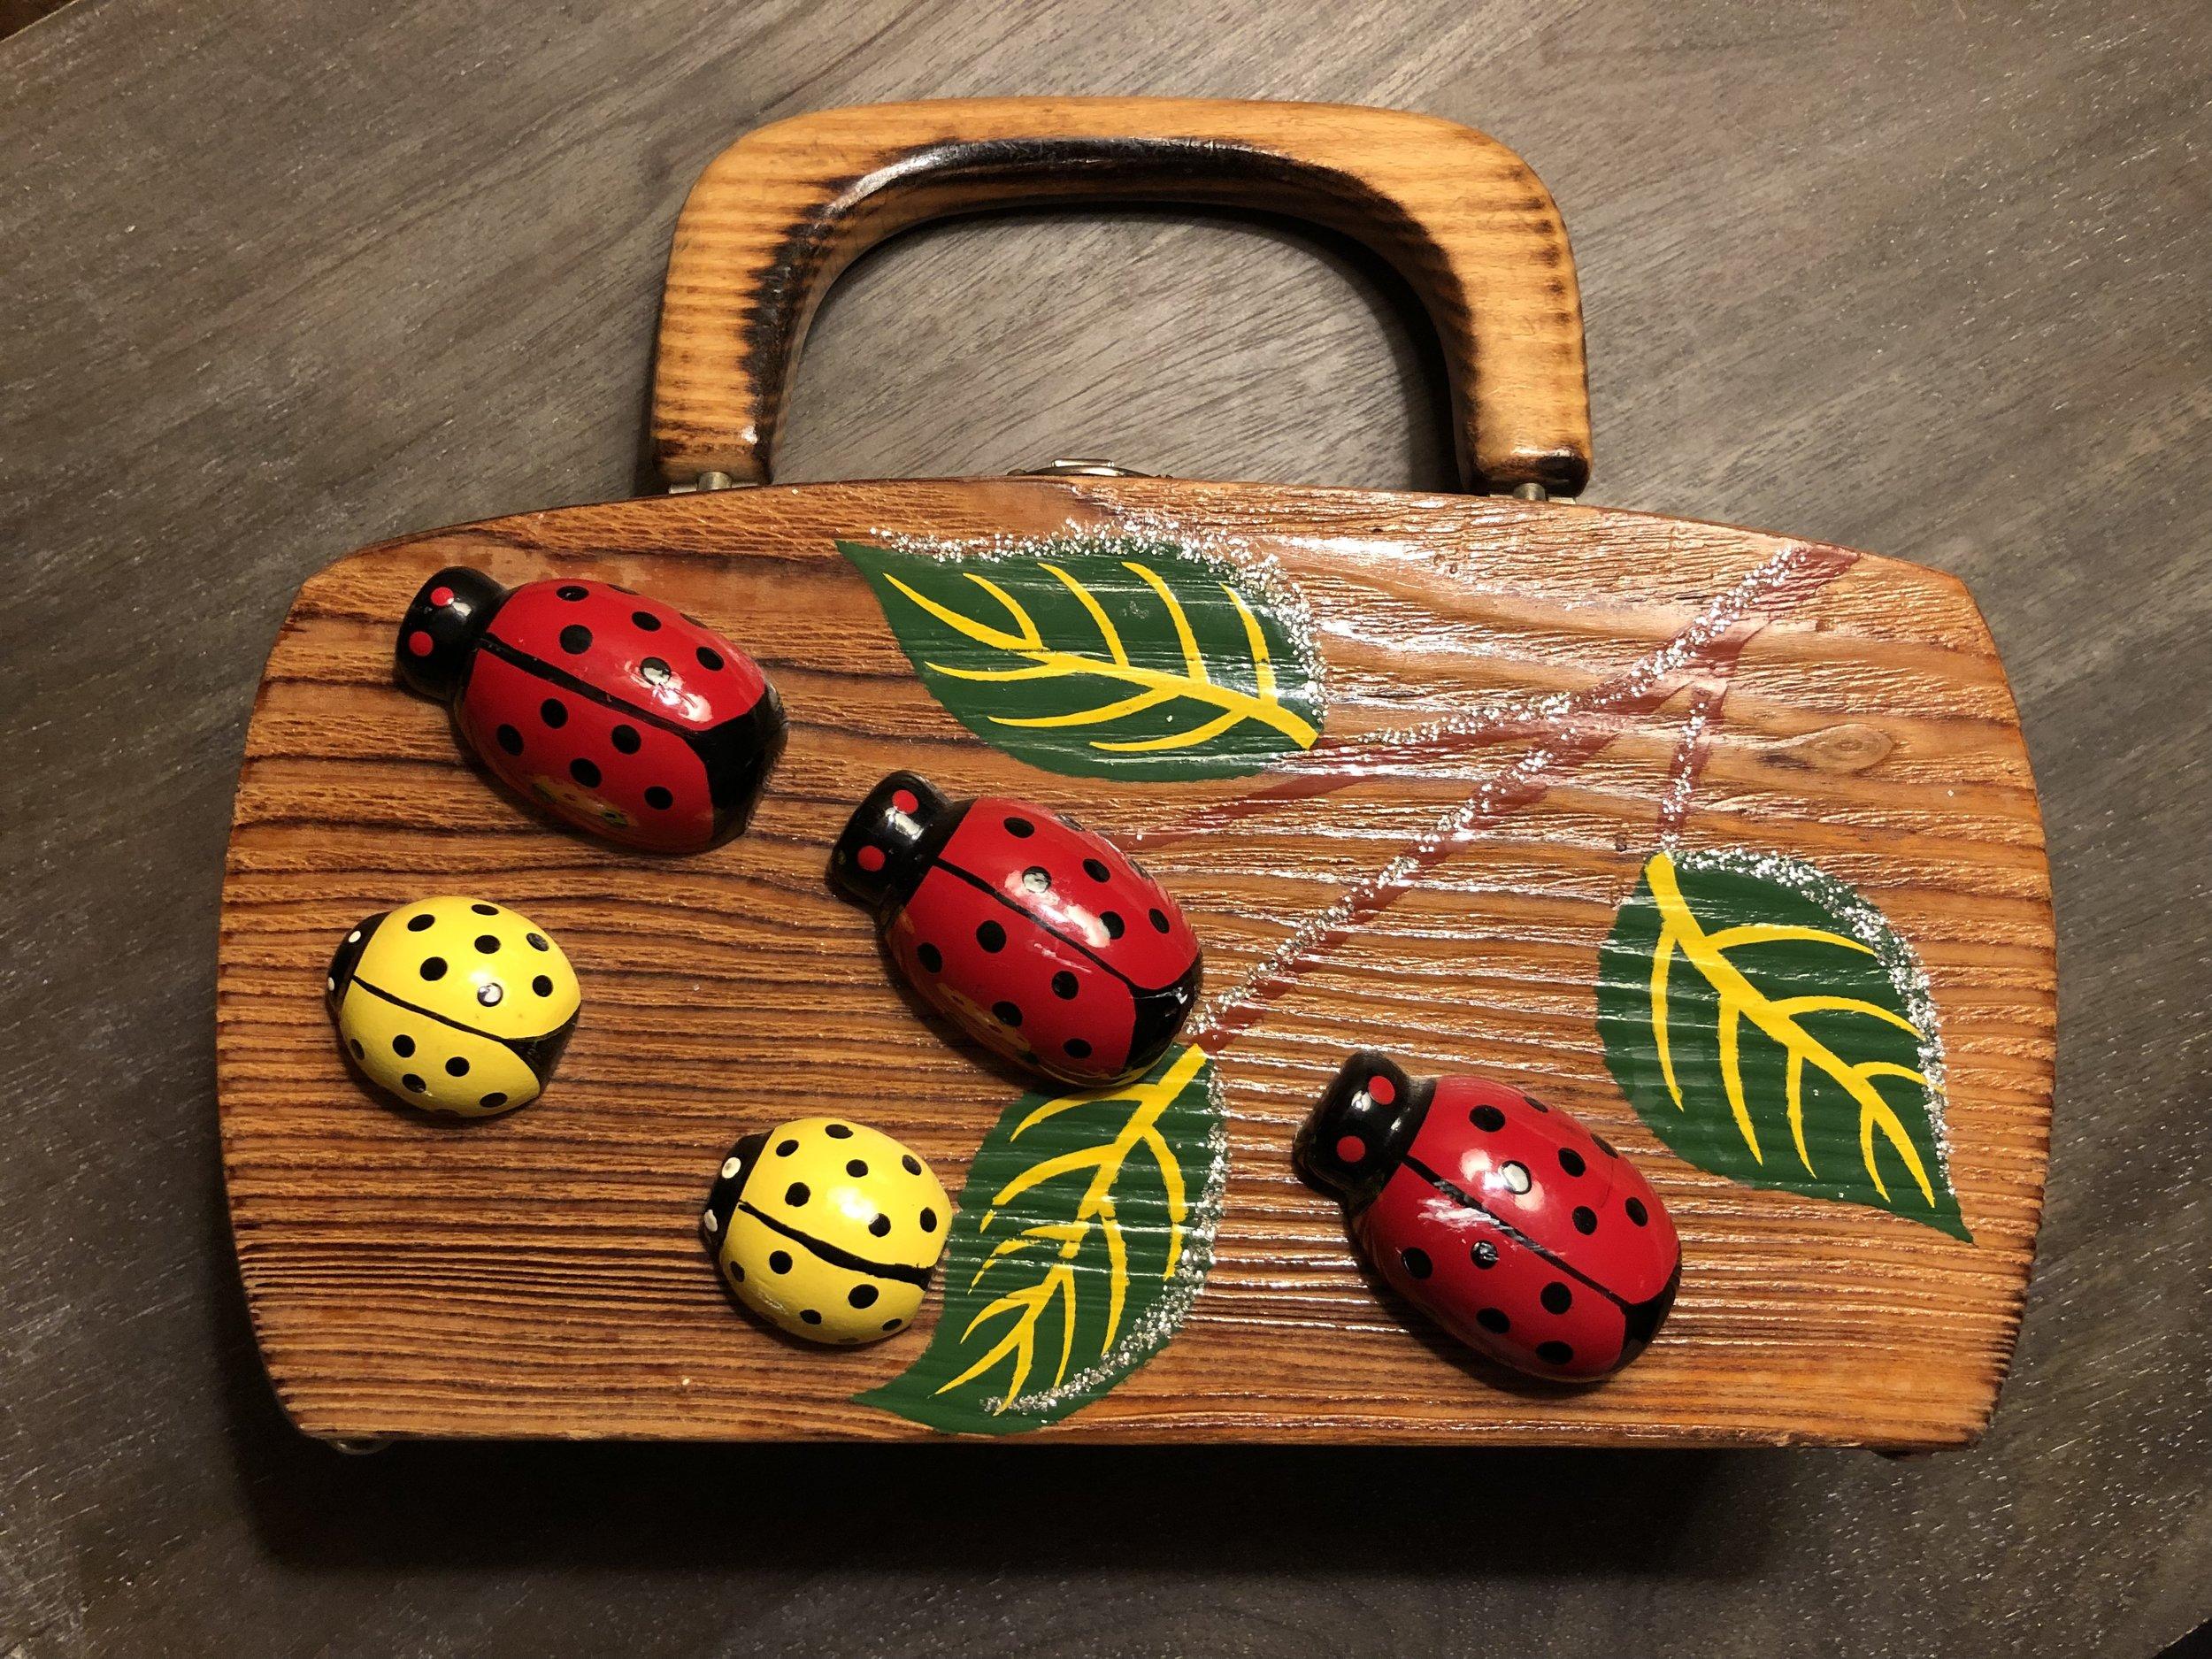 ladybug purse.jpg